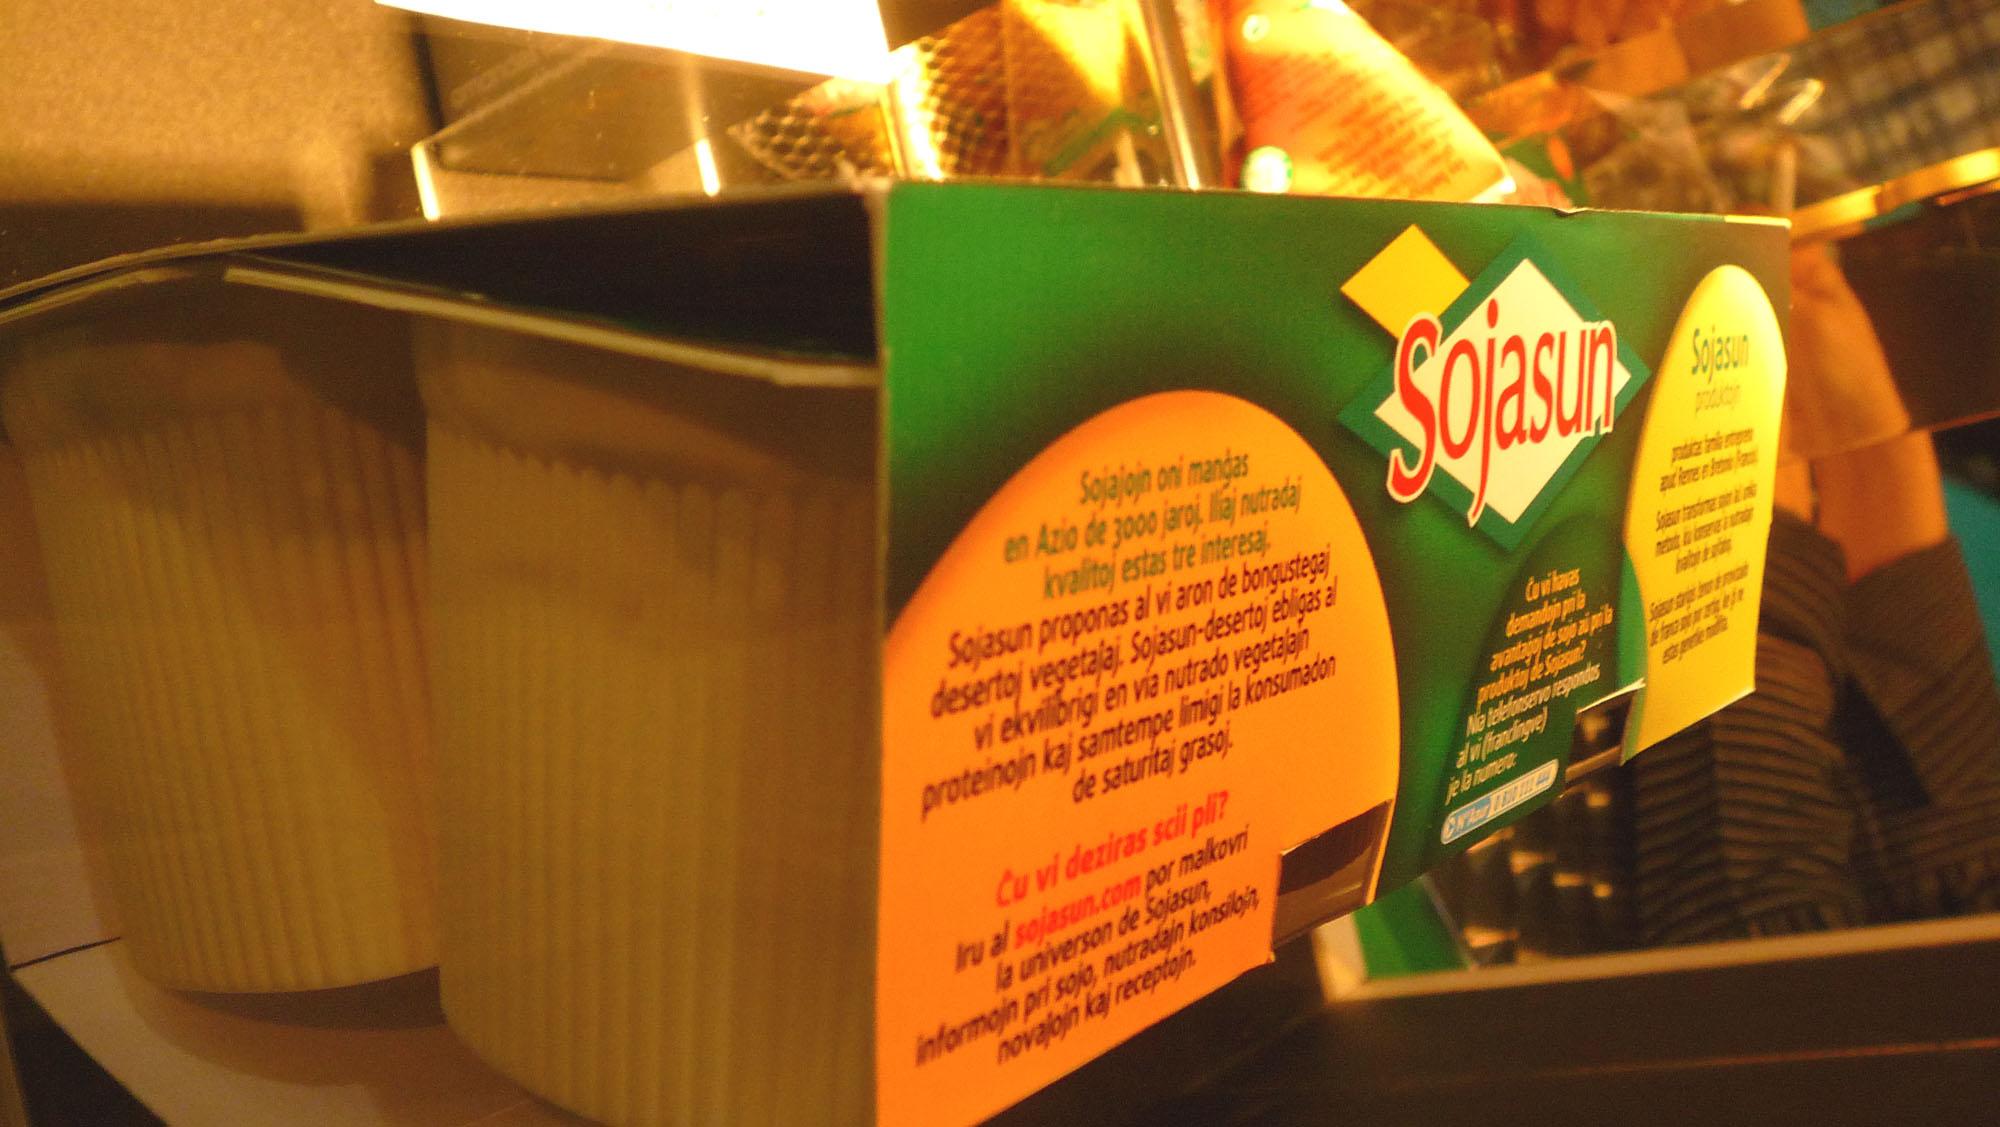 Jogurty Sojasun - detailní popis